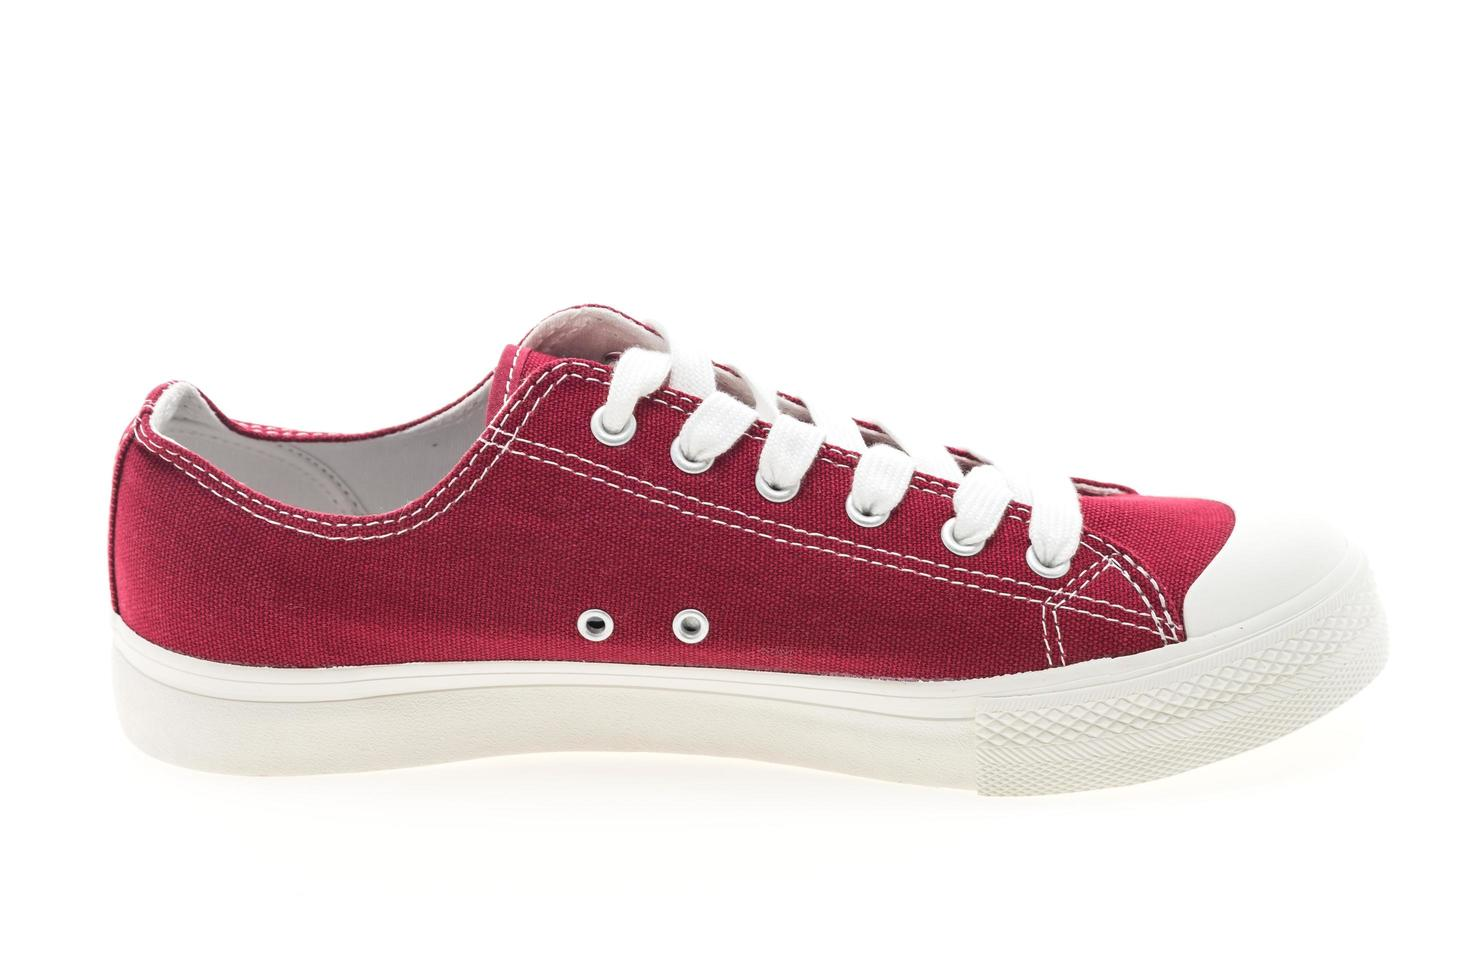 rode schoen op witte achtergrond foto